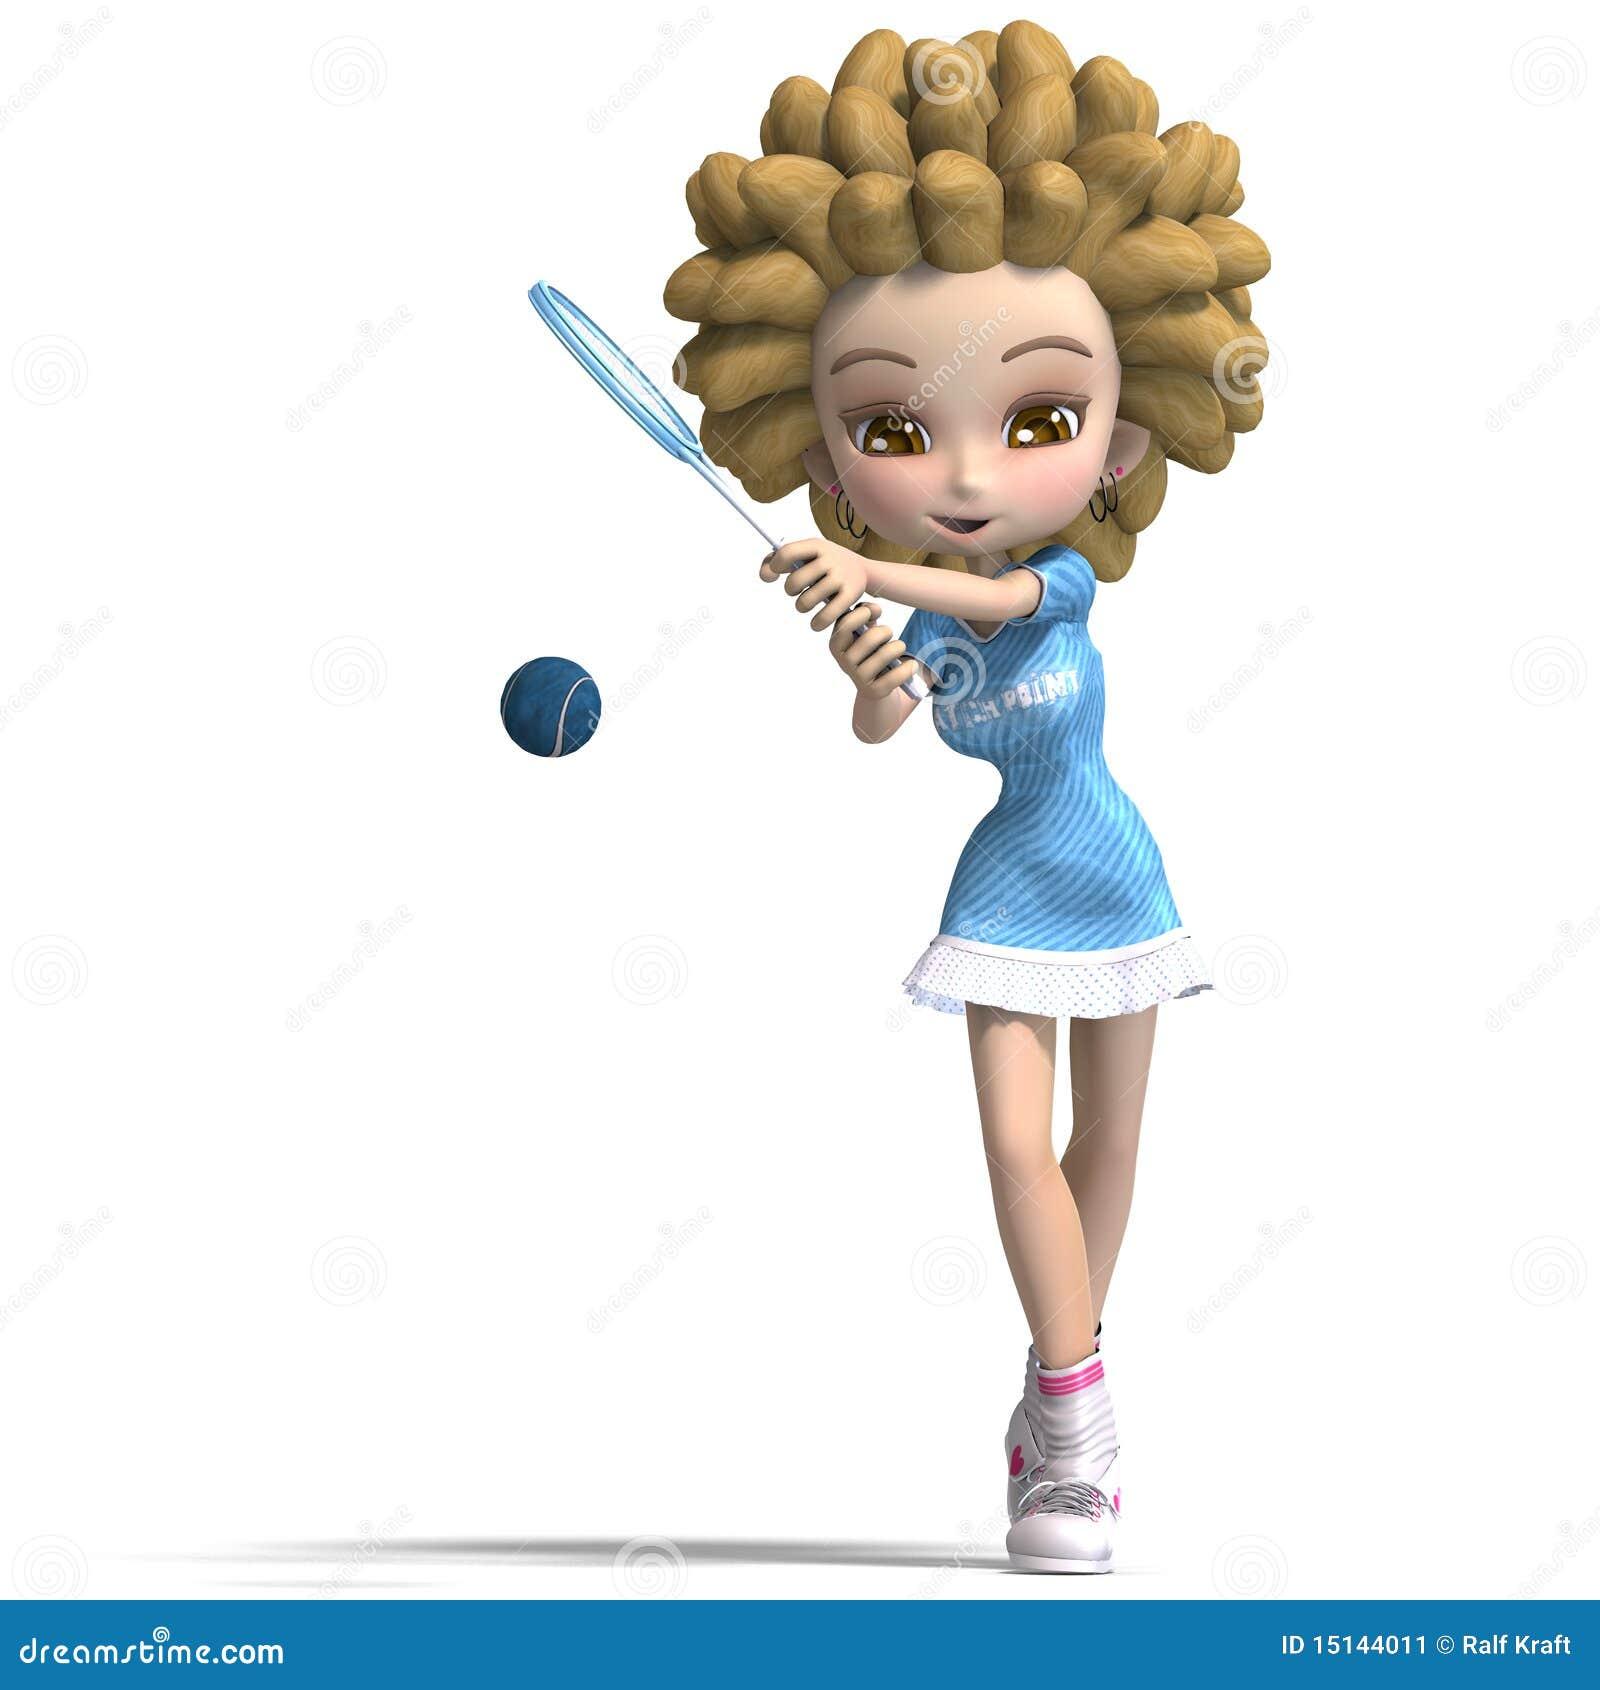 Photos drôles, étranges ou affreuses  Tennis  FORUM Sport